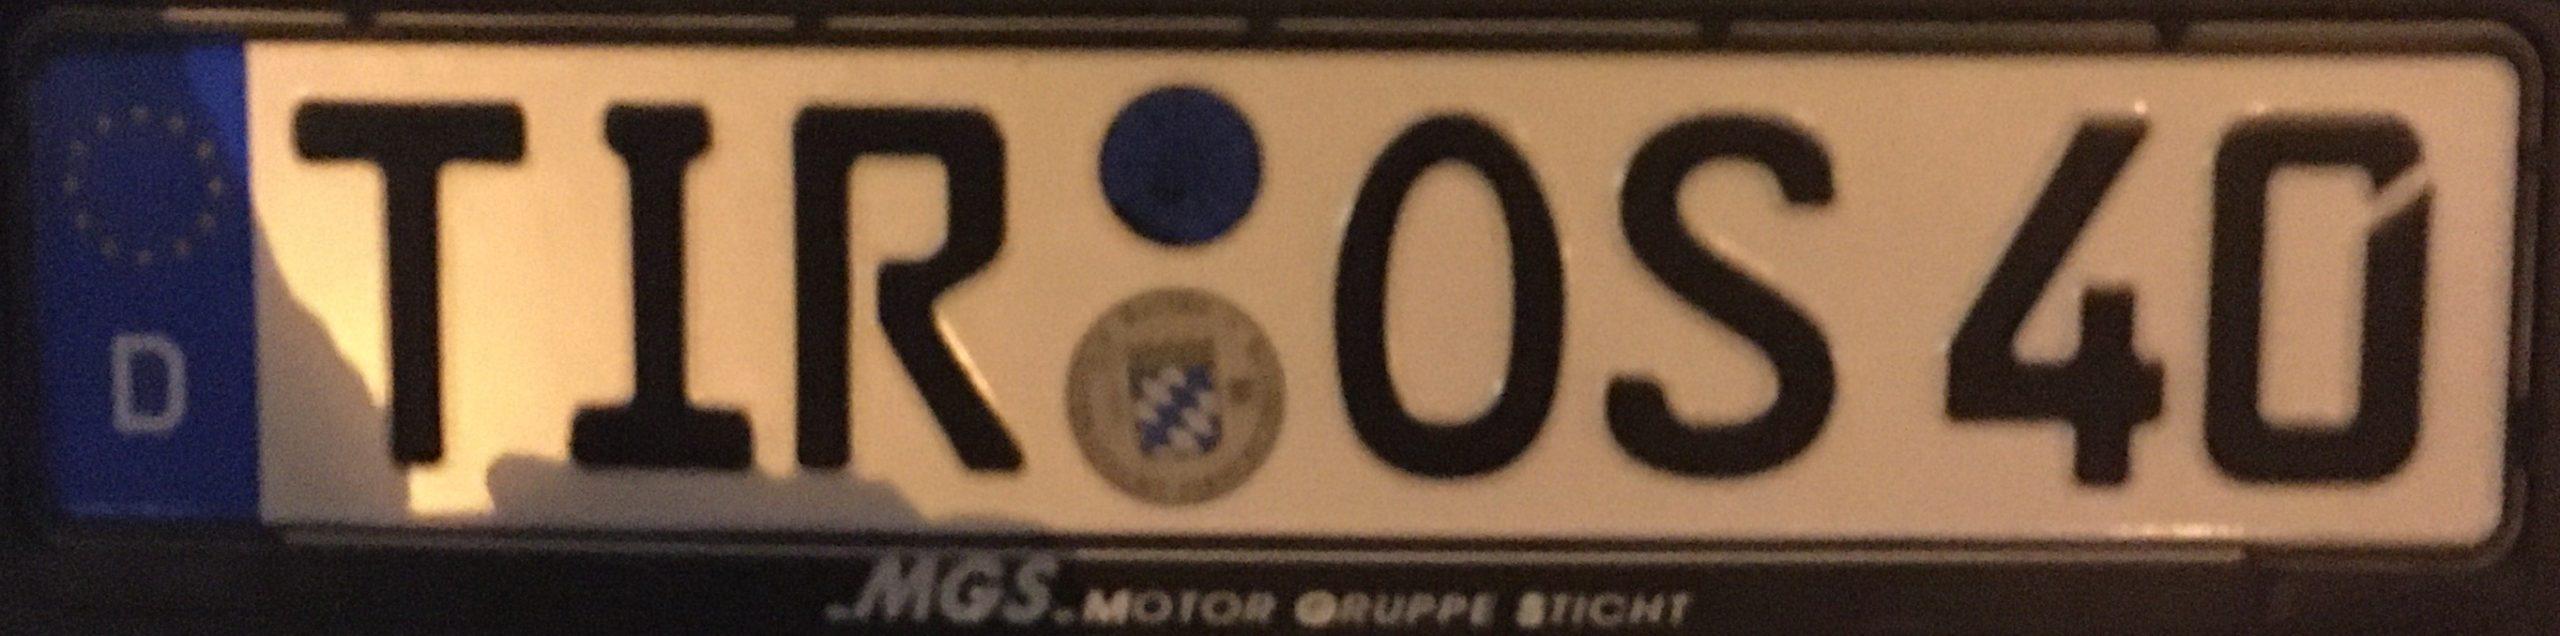 Registrační značky Německo - TIR - Tirschenreuth, foto: www.podalnici.cz